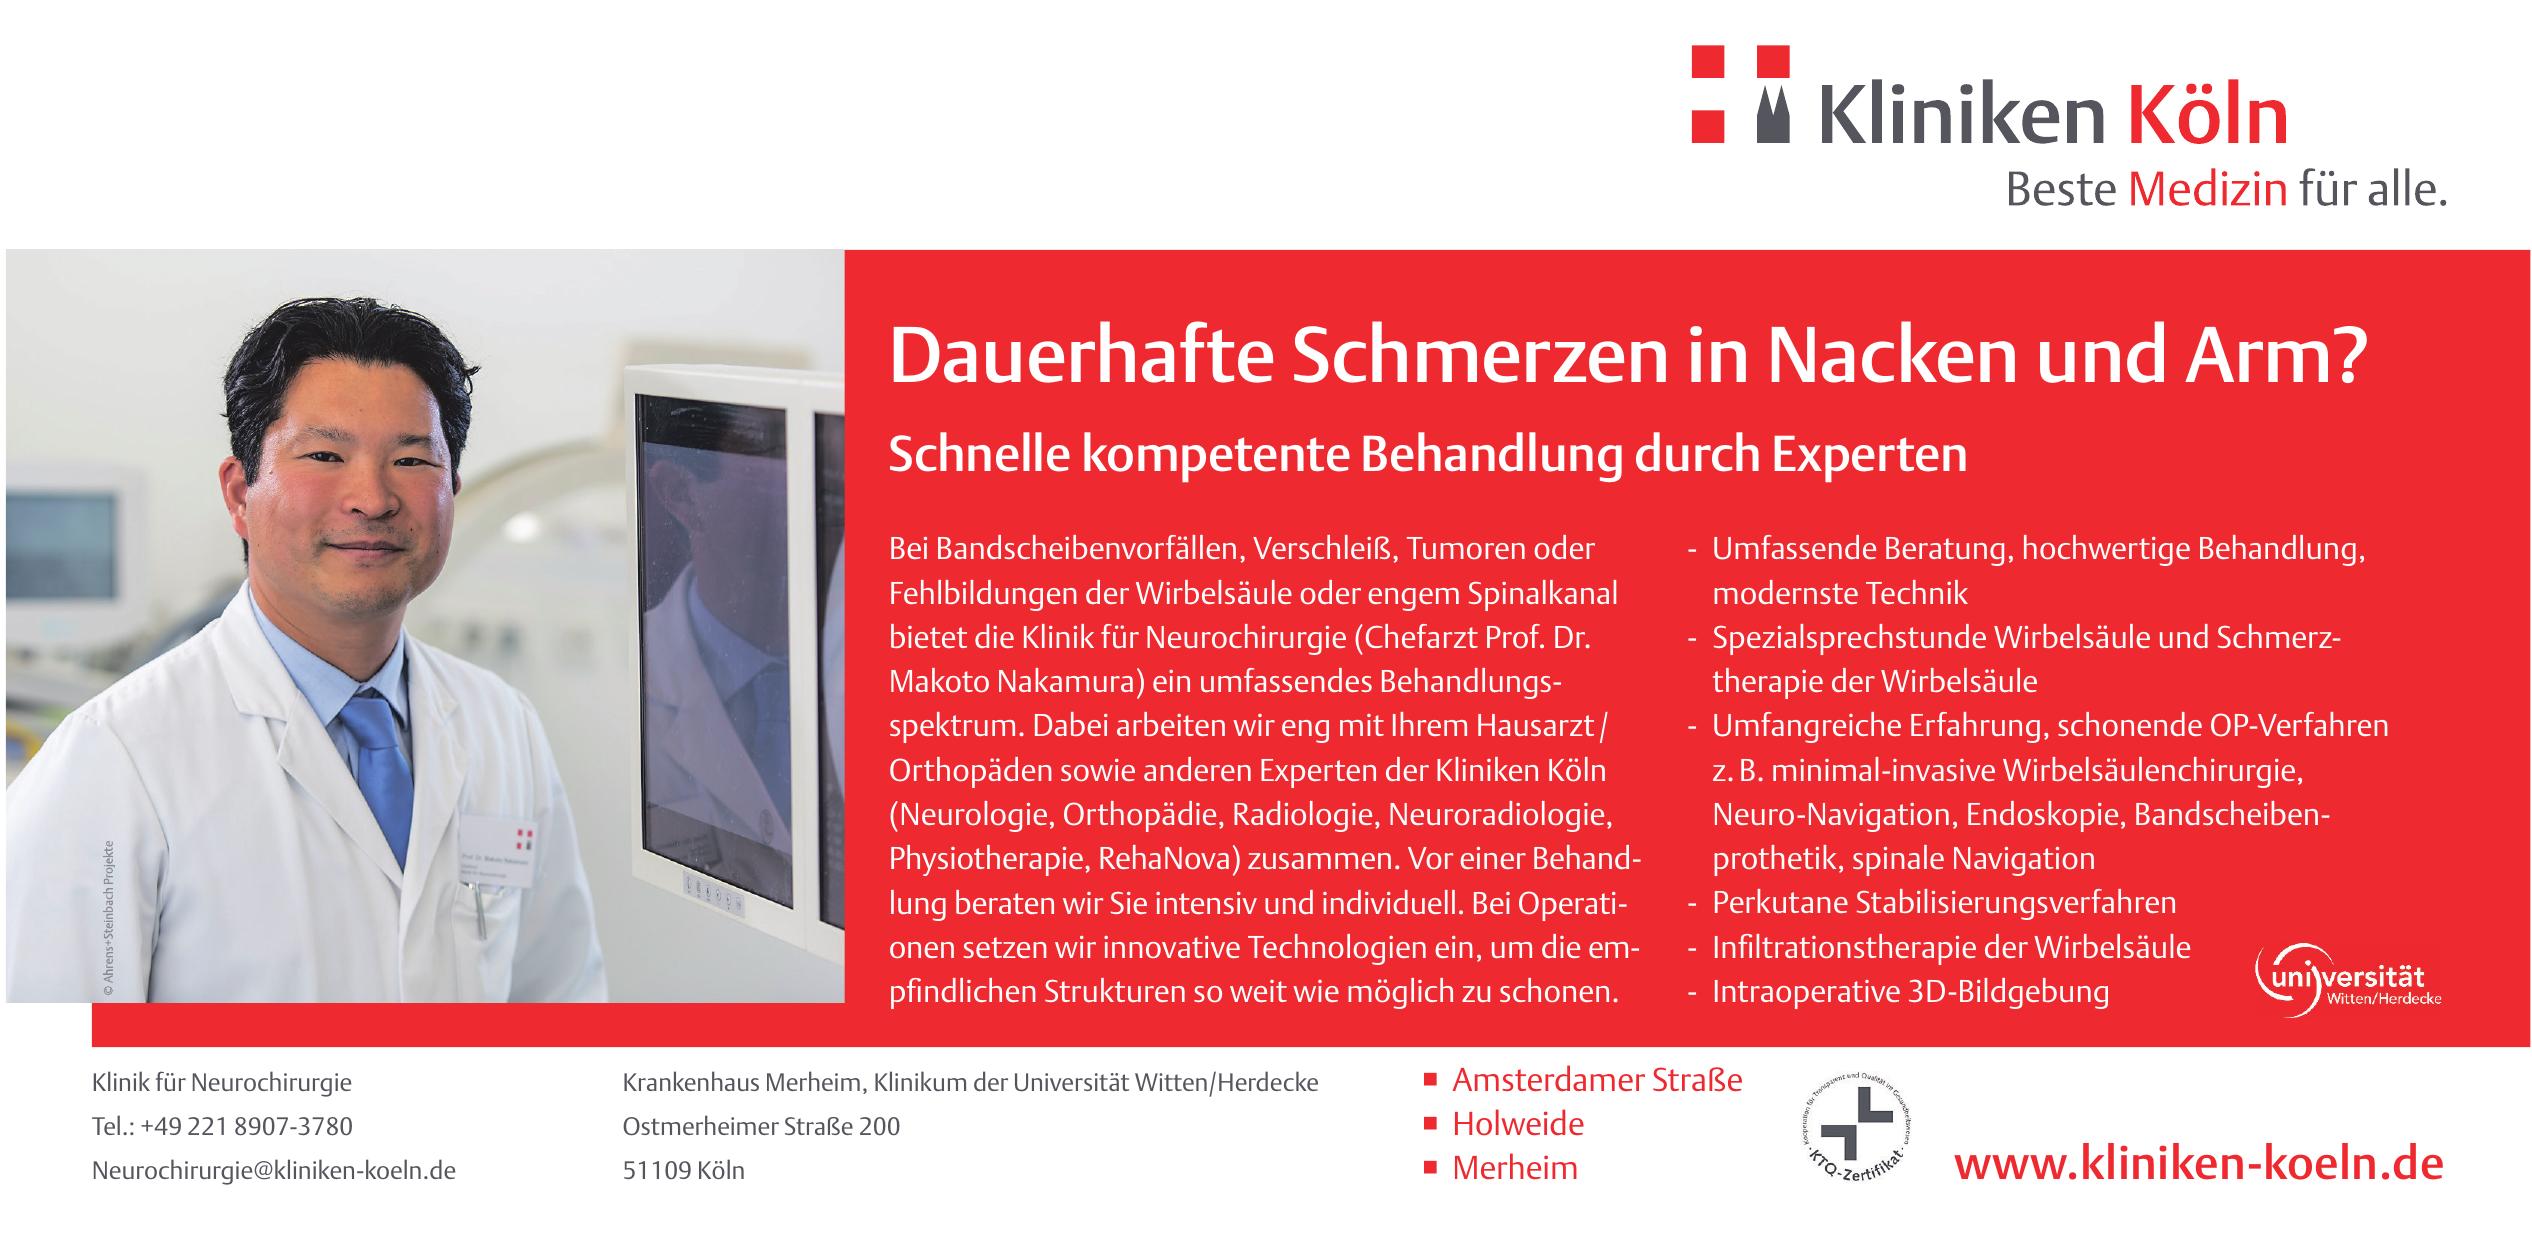 Klinik für Neurochirurgie - Krankenhaus Merheim, Klinik um der Universität Witten/Herdecke